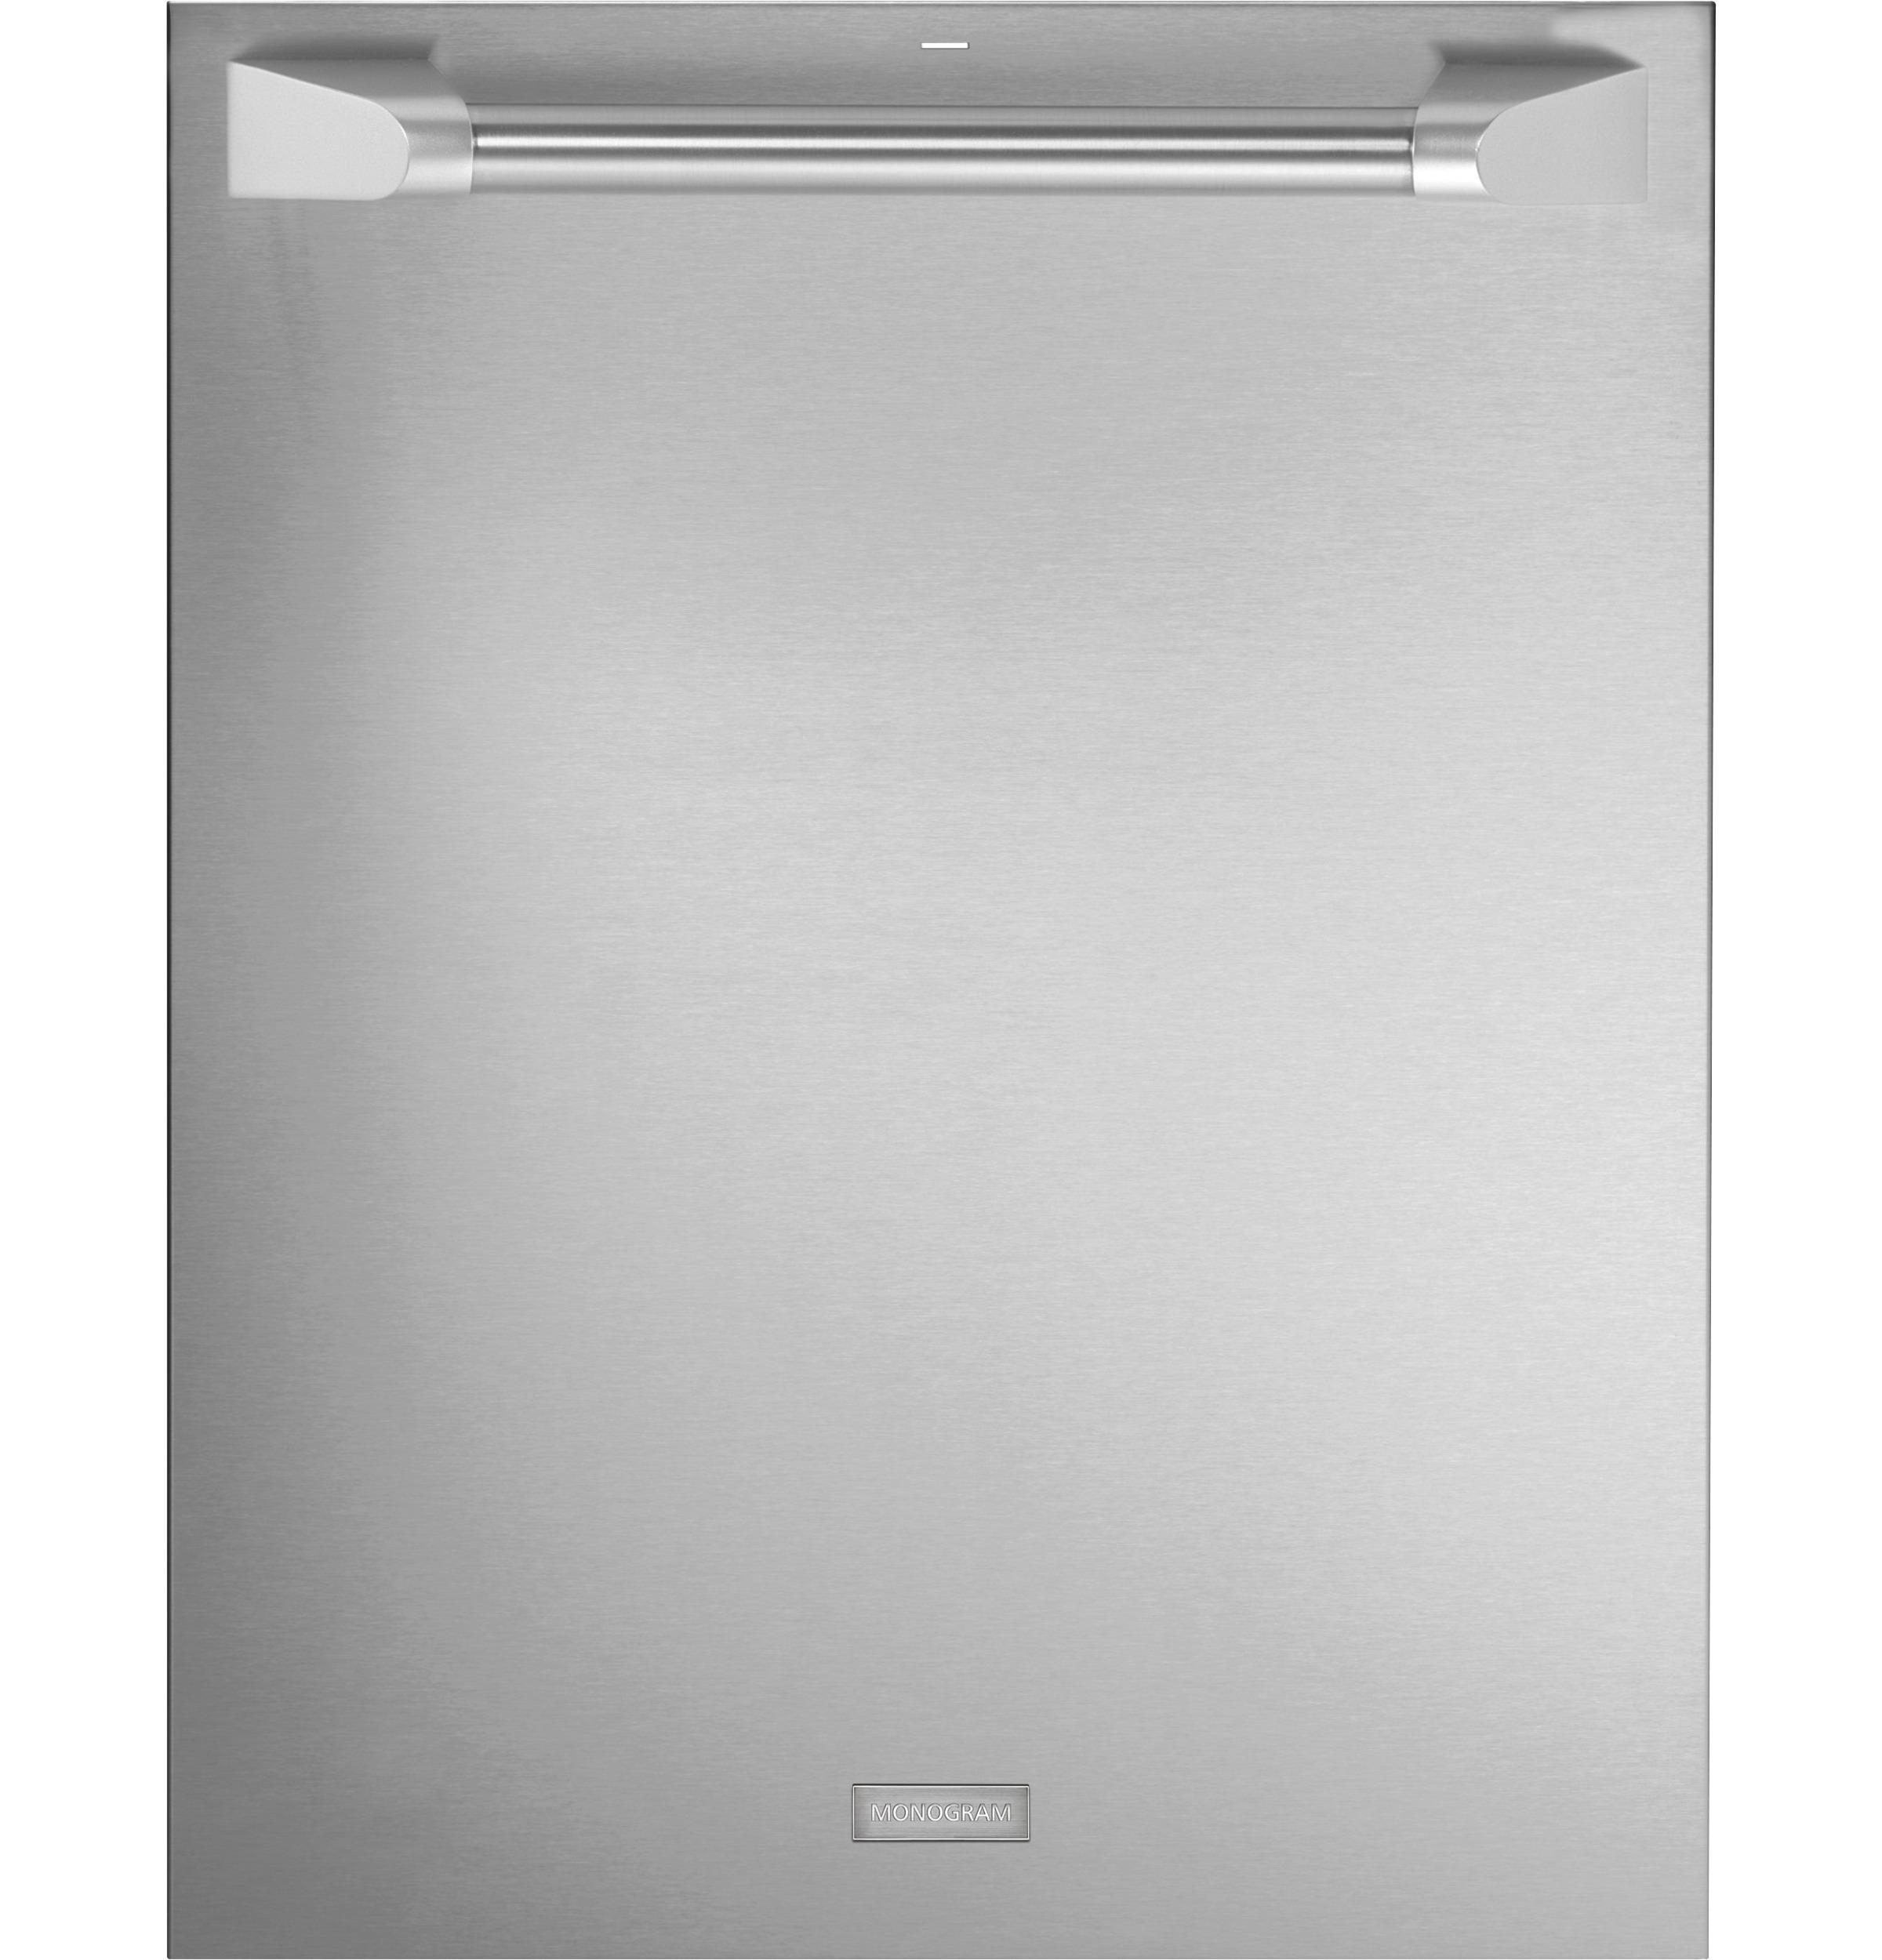 Monogram Fully Integrated Dishwasher